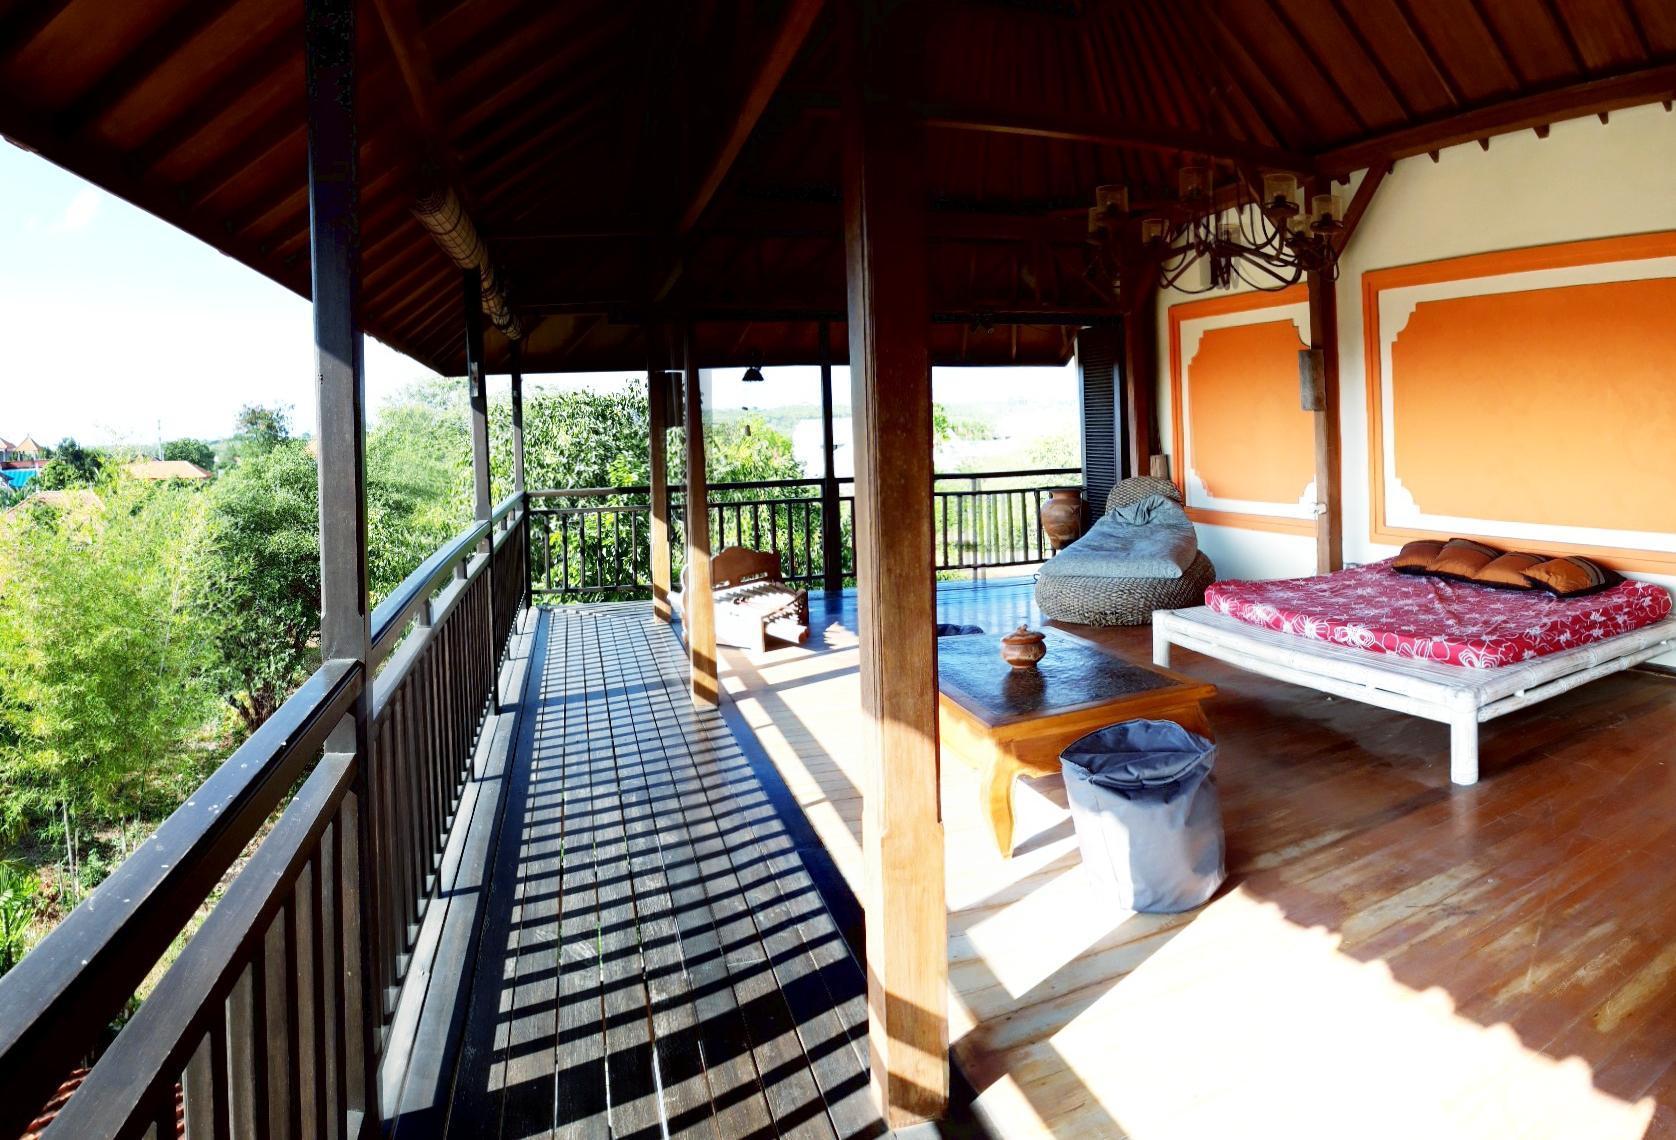 Lokasi A Balinese home in Nusa Dua Jalan Taman Bali